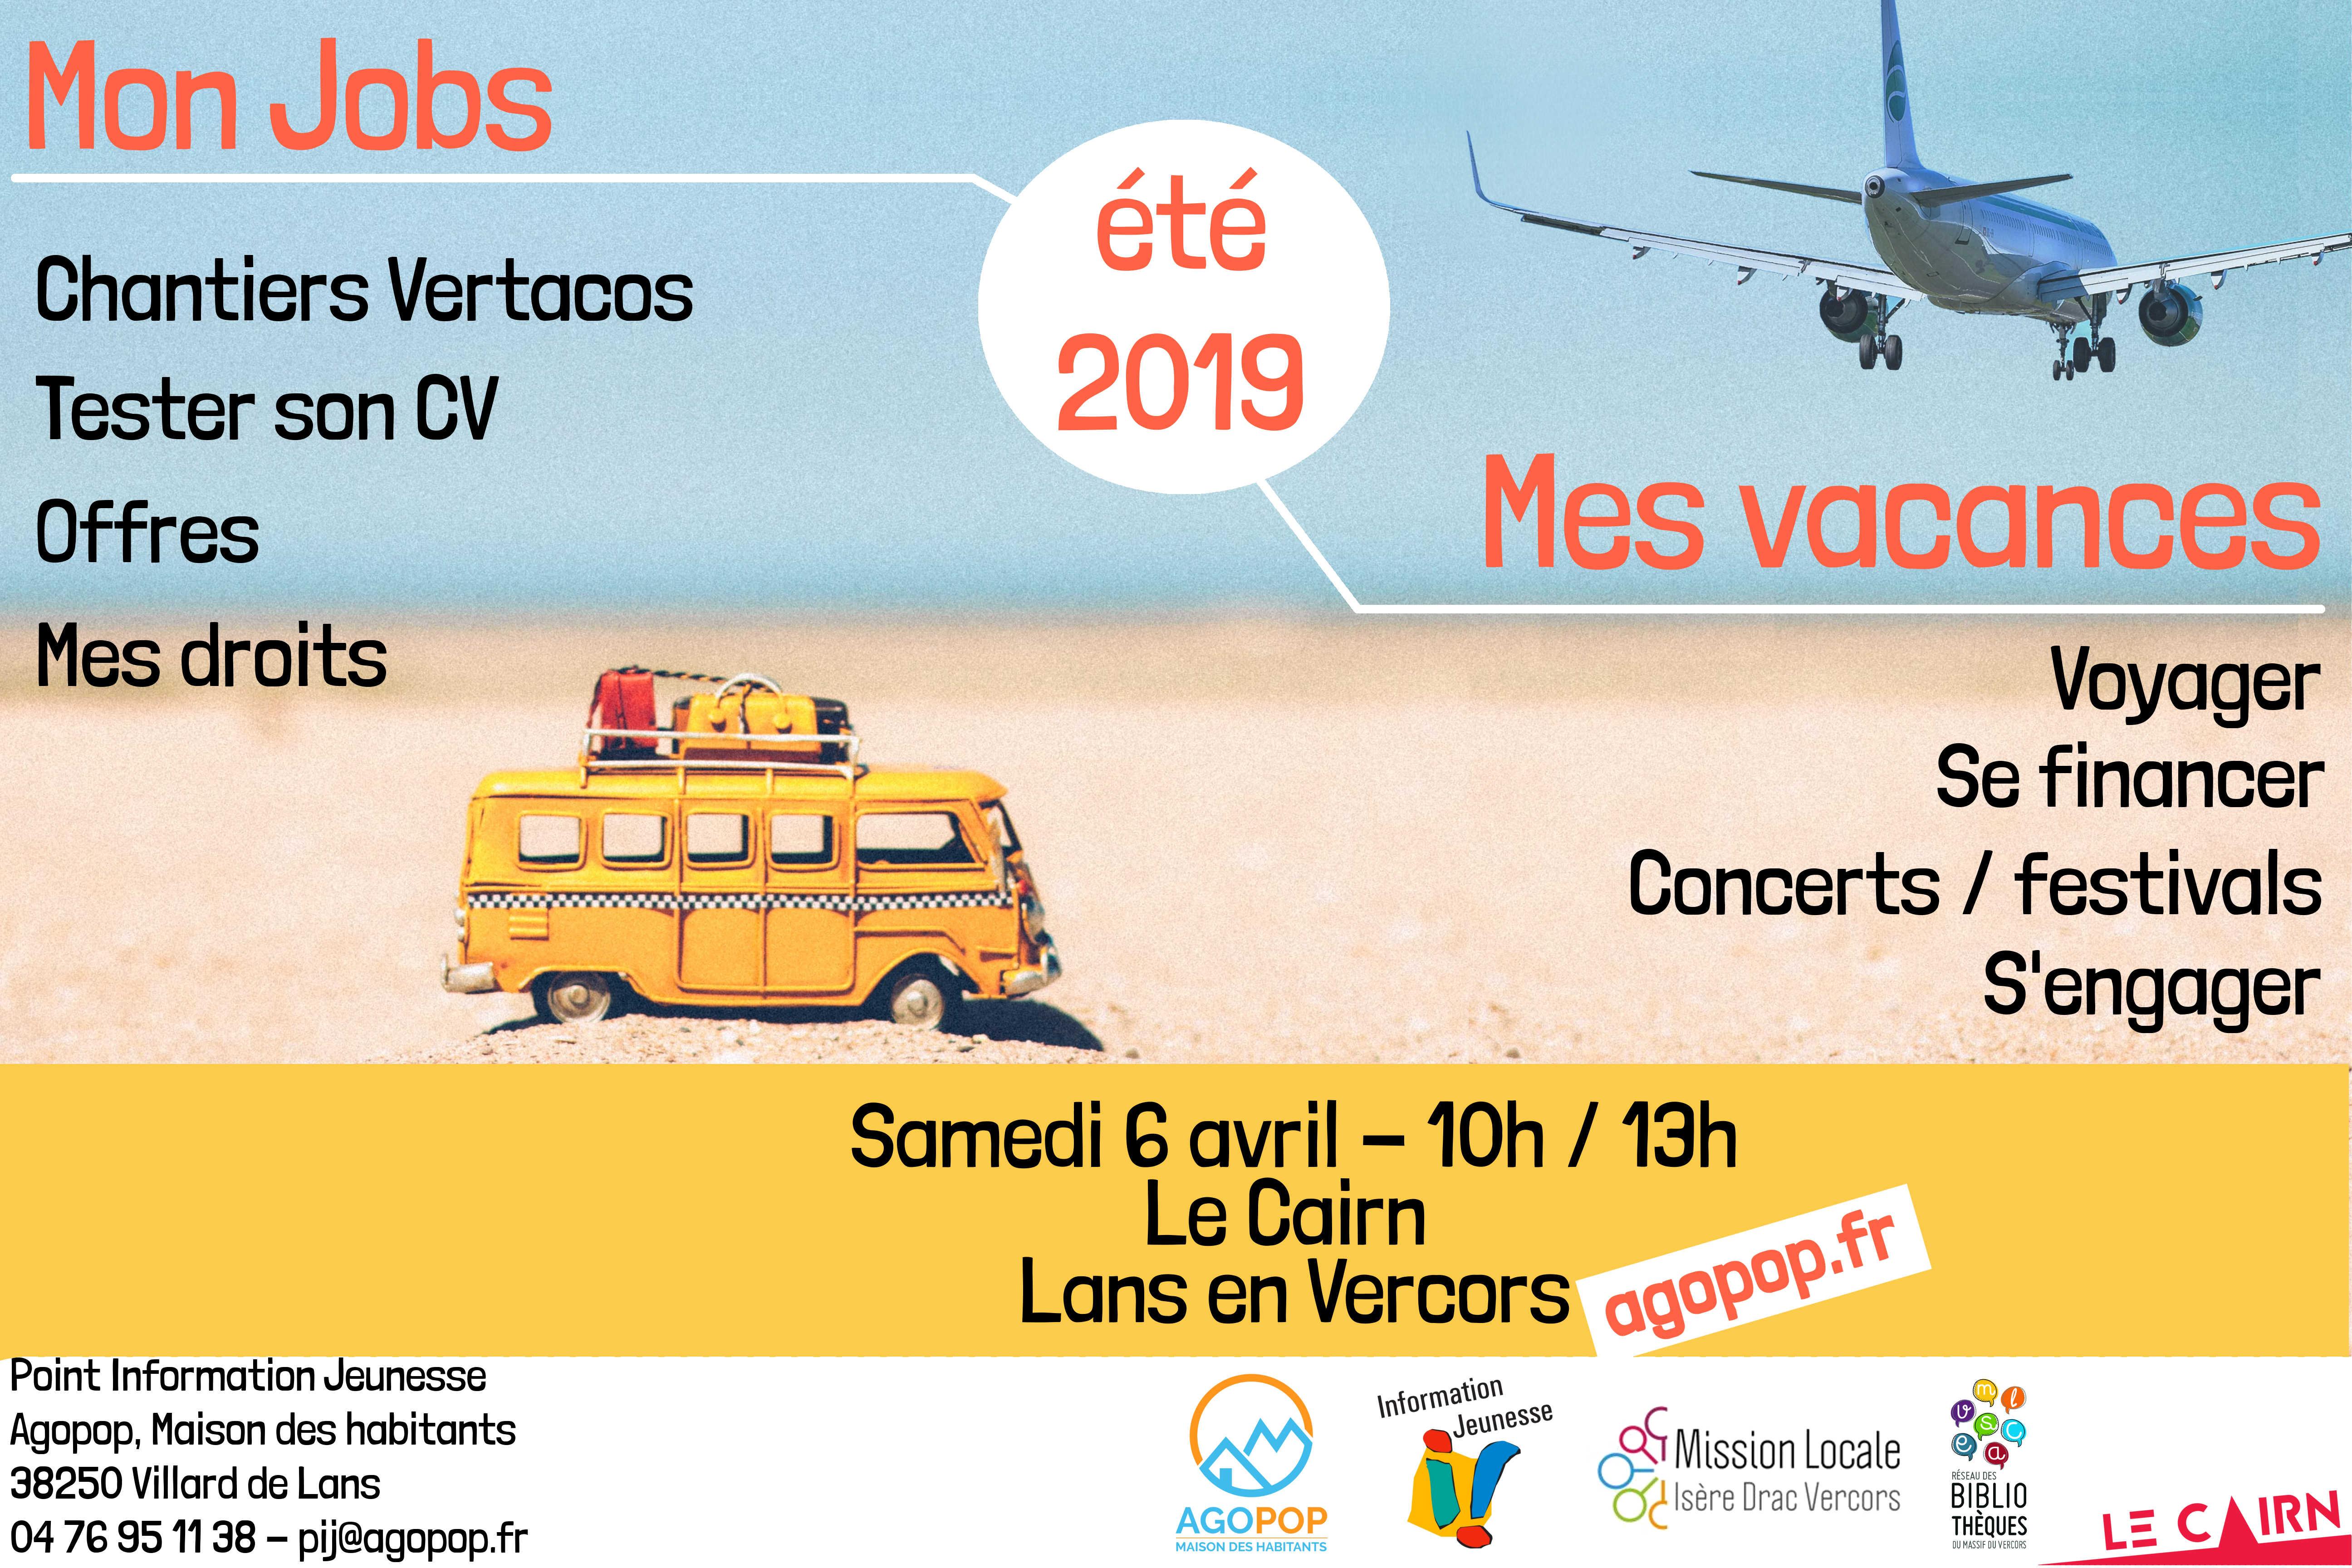 Été 2019 : un jobs et des vacances @ Le Cairn - Lans en Vercors